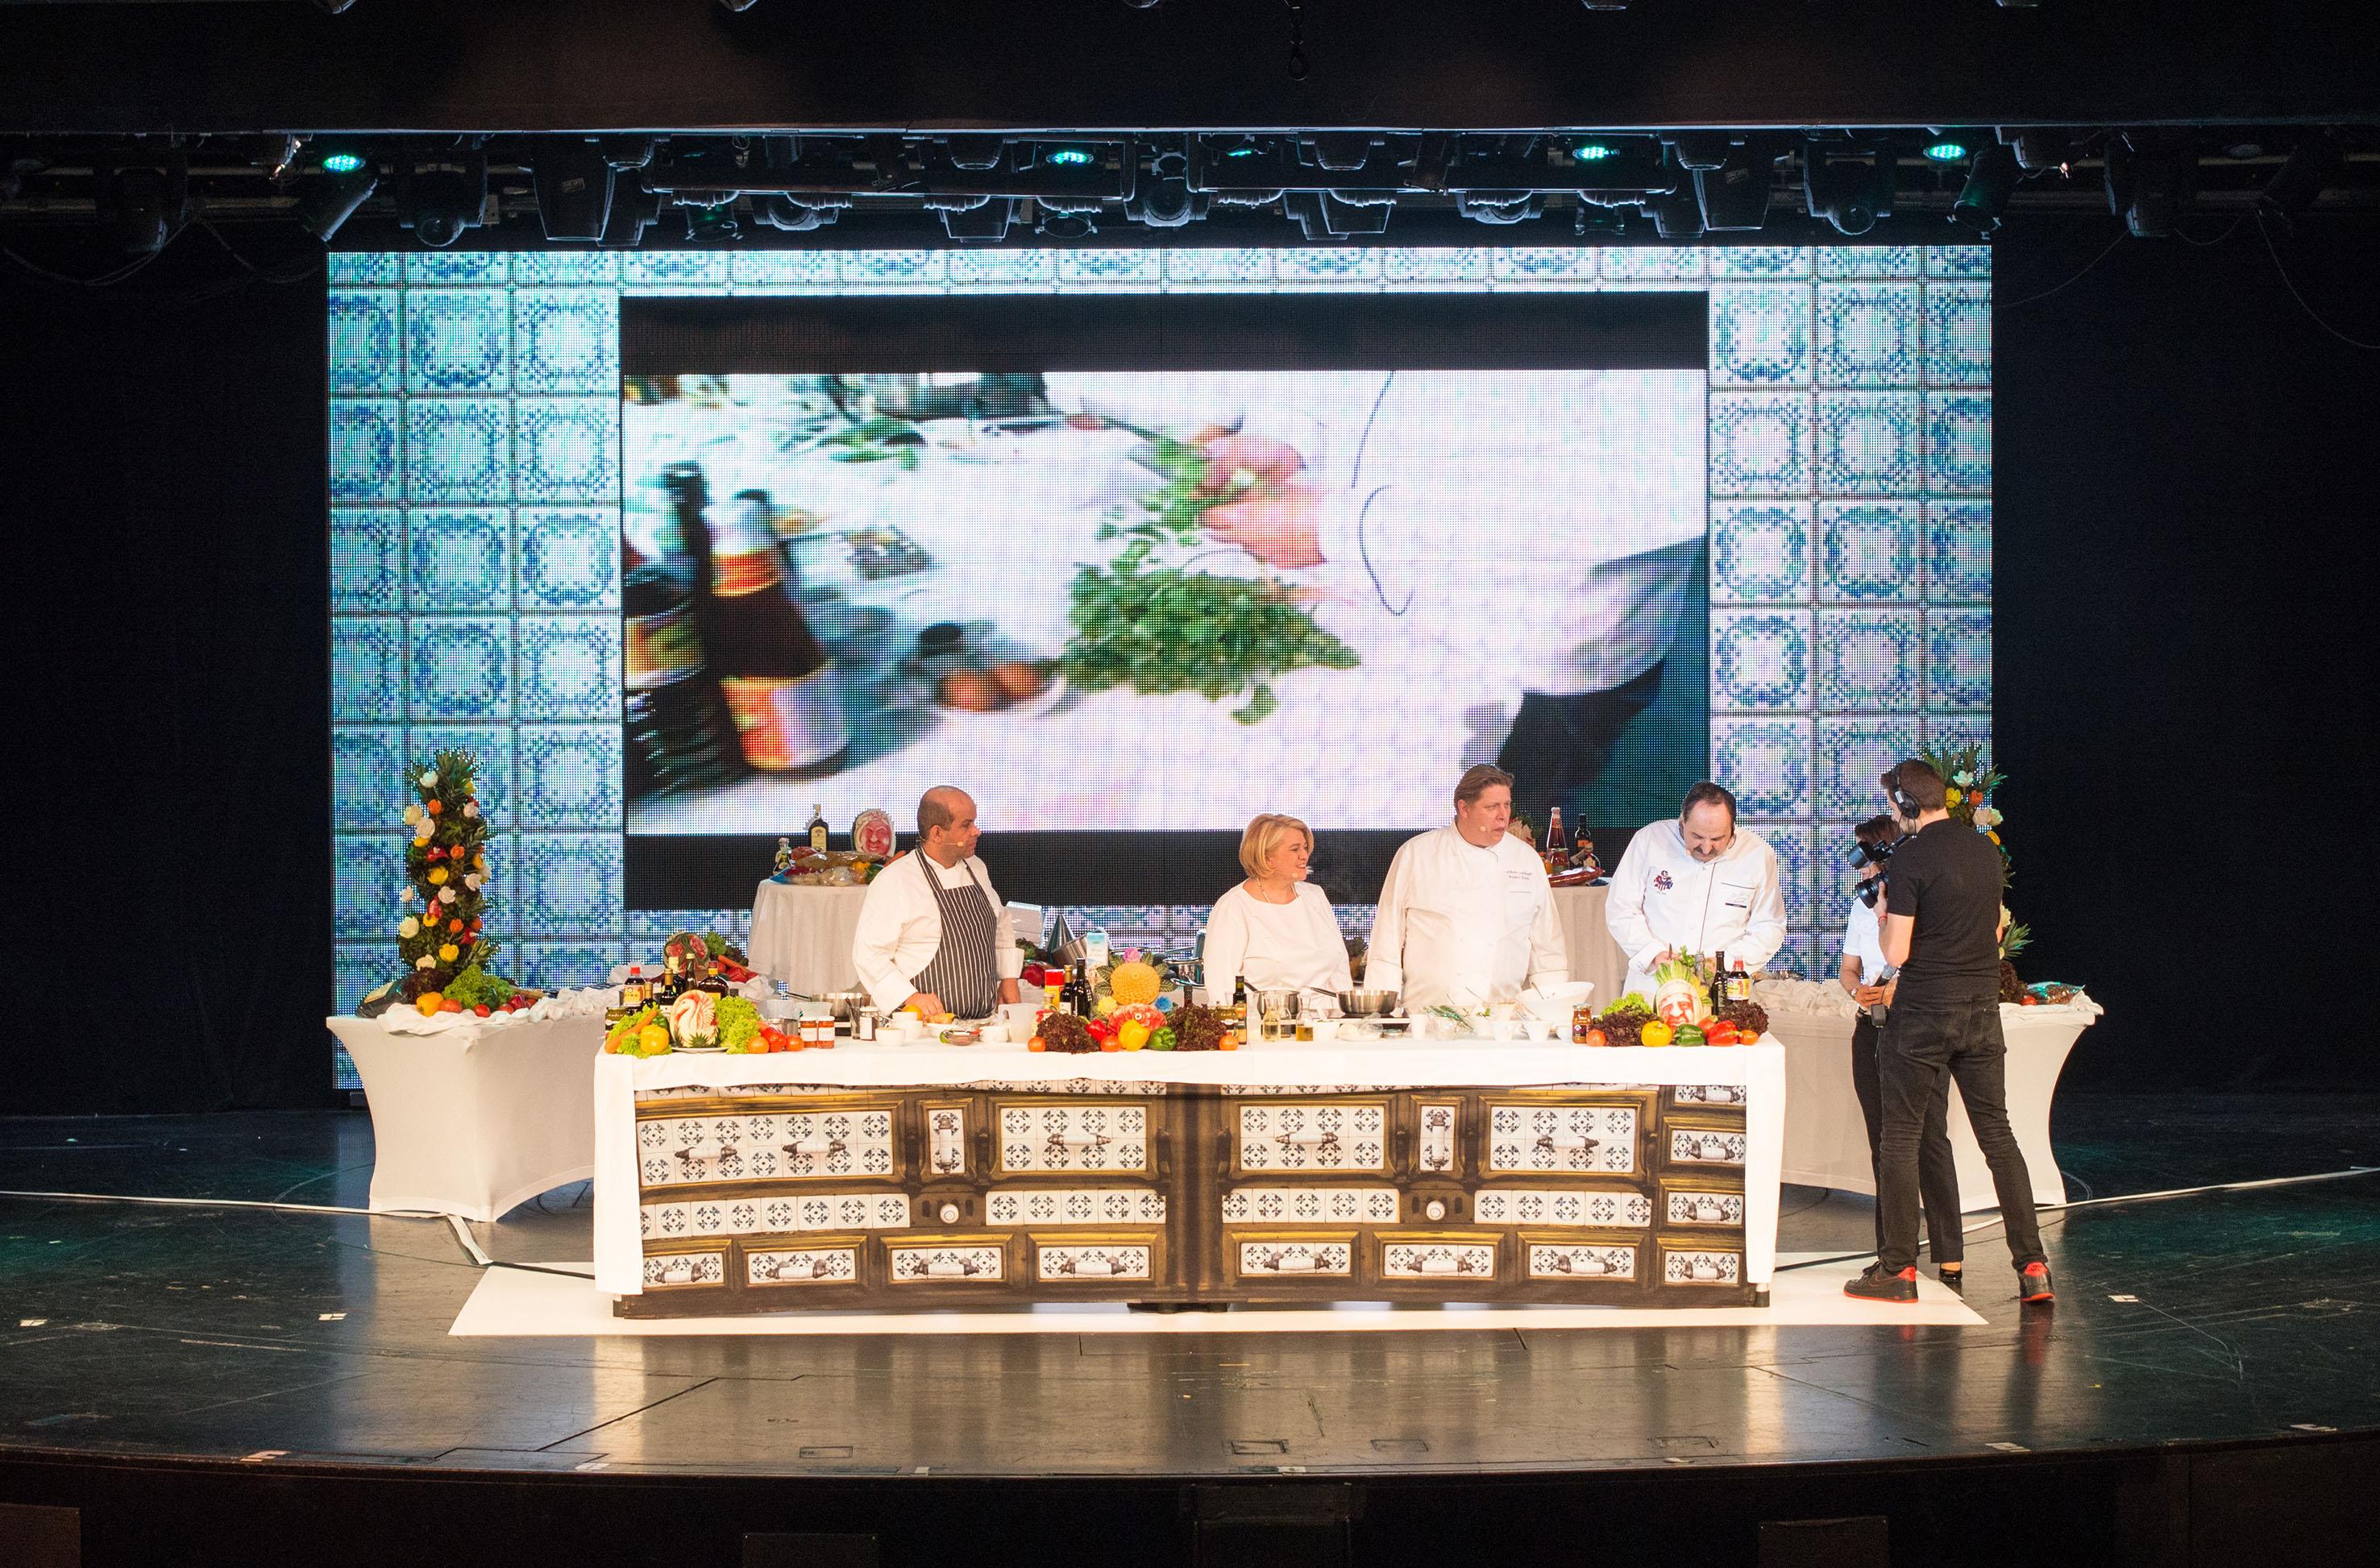 Spitzenköche Johan Lafer und Lea Linster bei der Kochshow auf der Mein Schiff 1